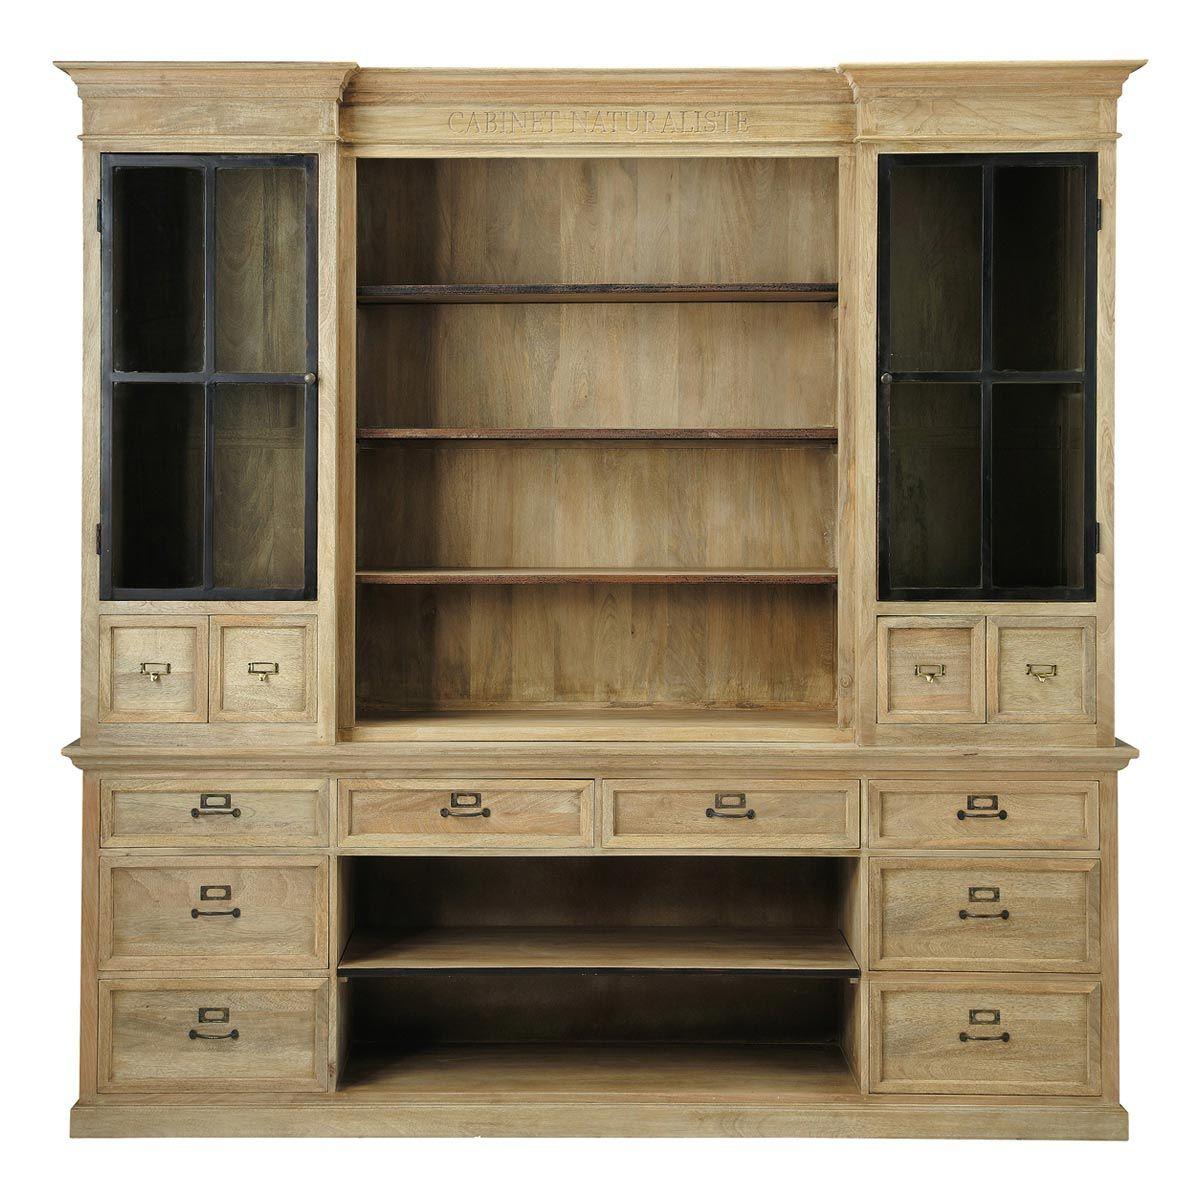 Bibliotheekkast in metaal en hout 235 Naturaliste